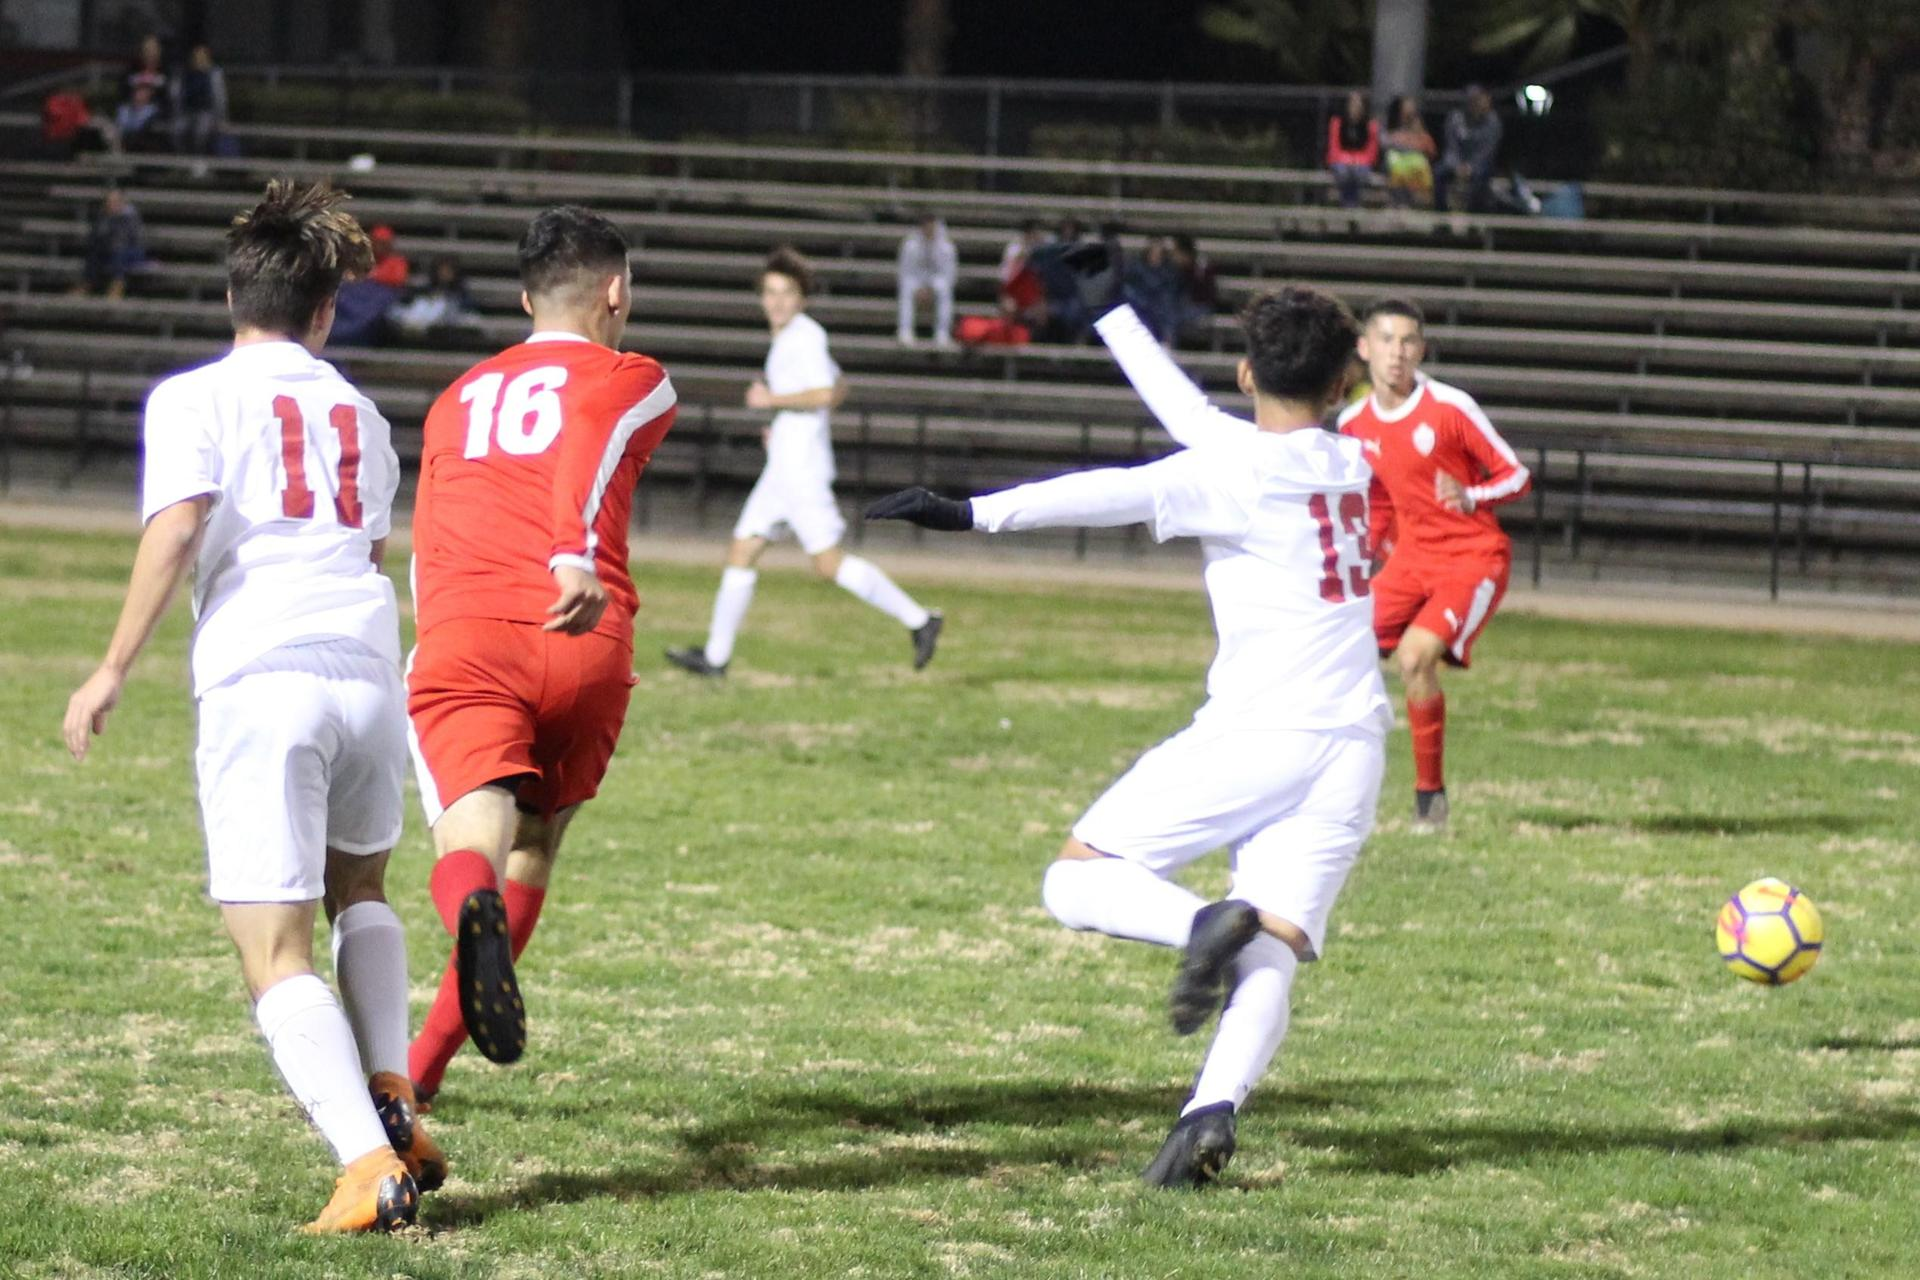 Christian Fernandez running for the ball